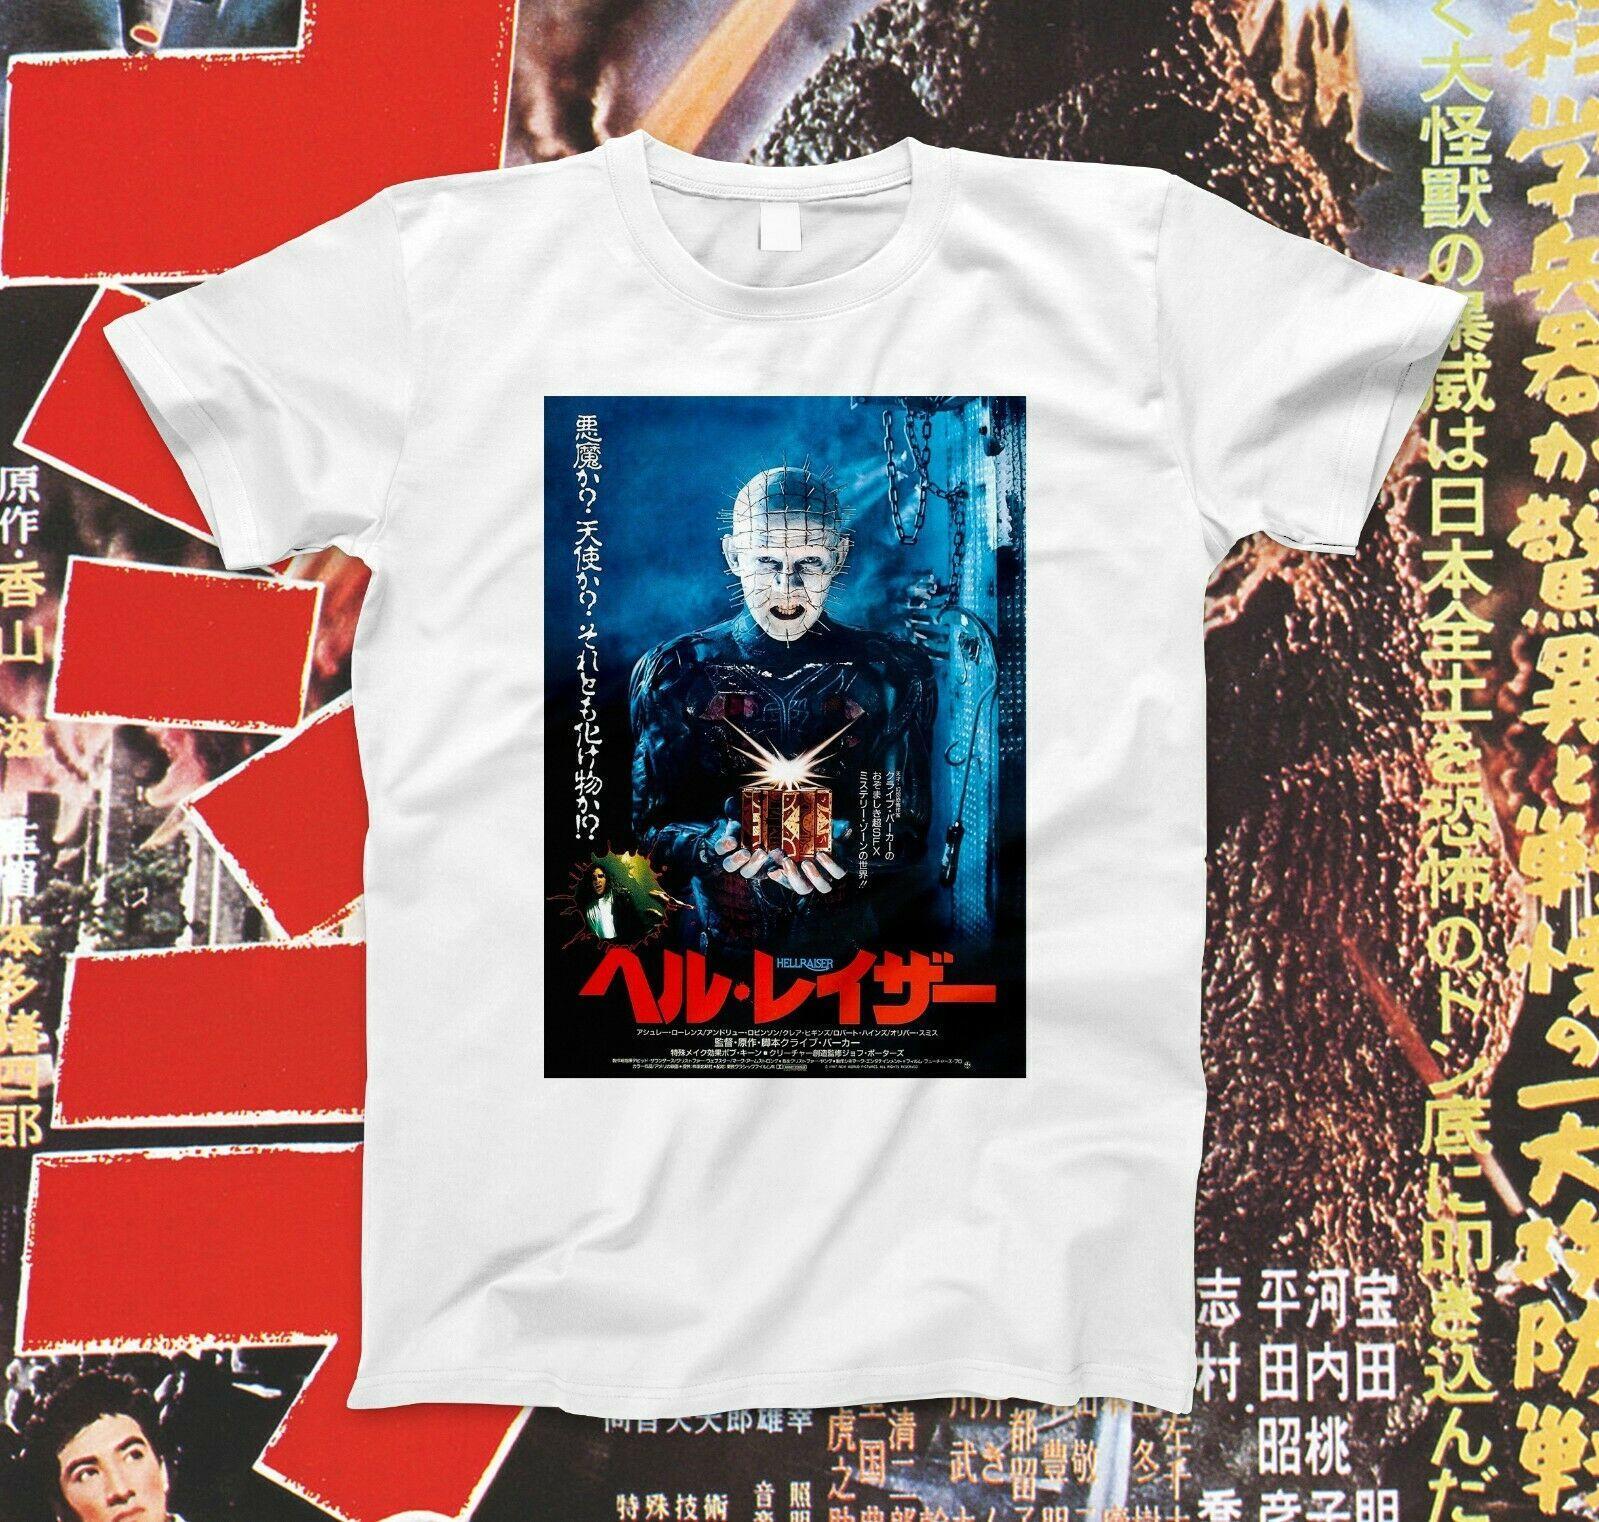 Hell Raiser Sean Chapman japonais Affiche du film blanc unisexe T T-shirt NP36 Homme Femme Mode unisexe T-shirt Livraison gratuite